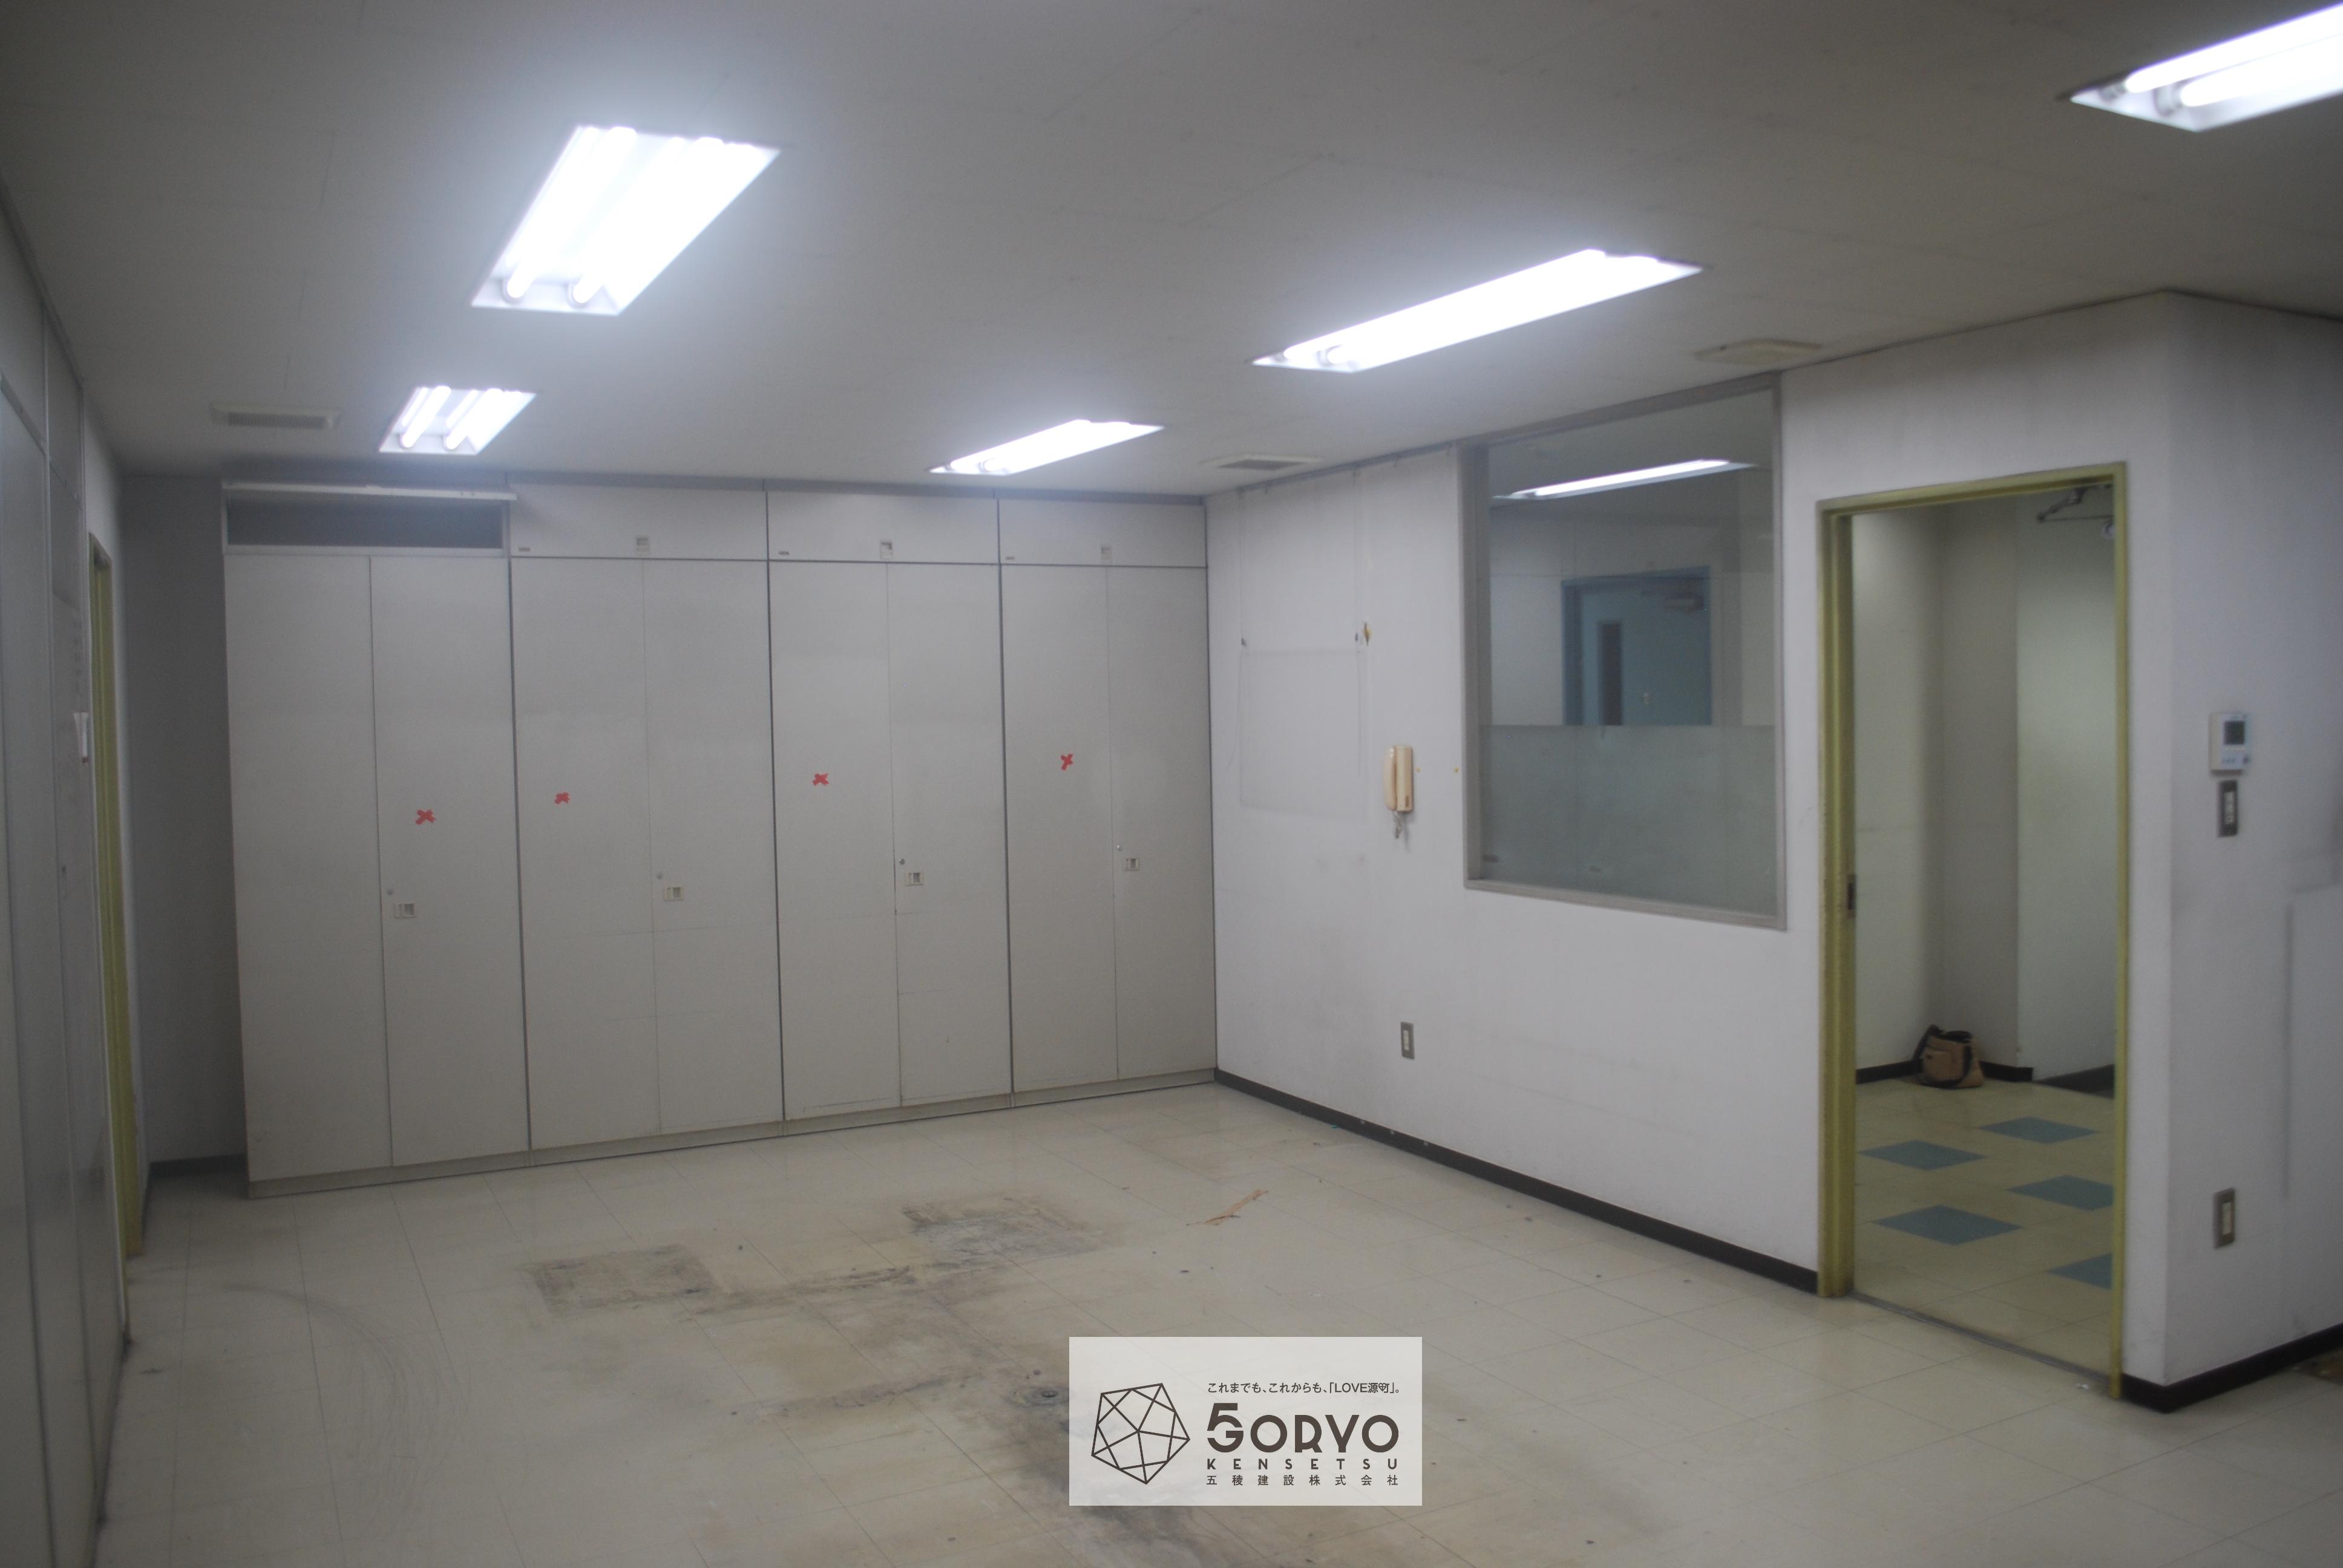 千葉市美浜区ビルを保育園へリノベーション、遊戯室part1:施工前